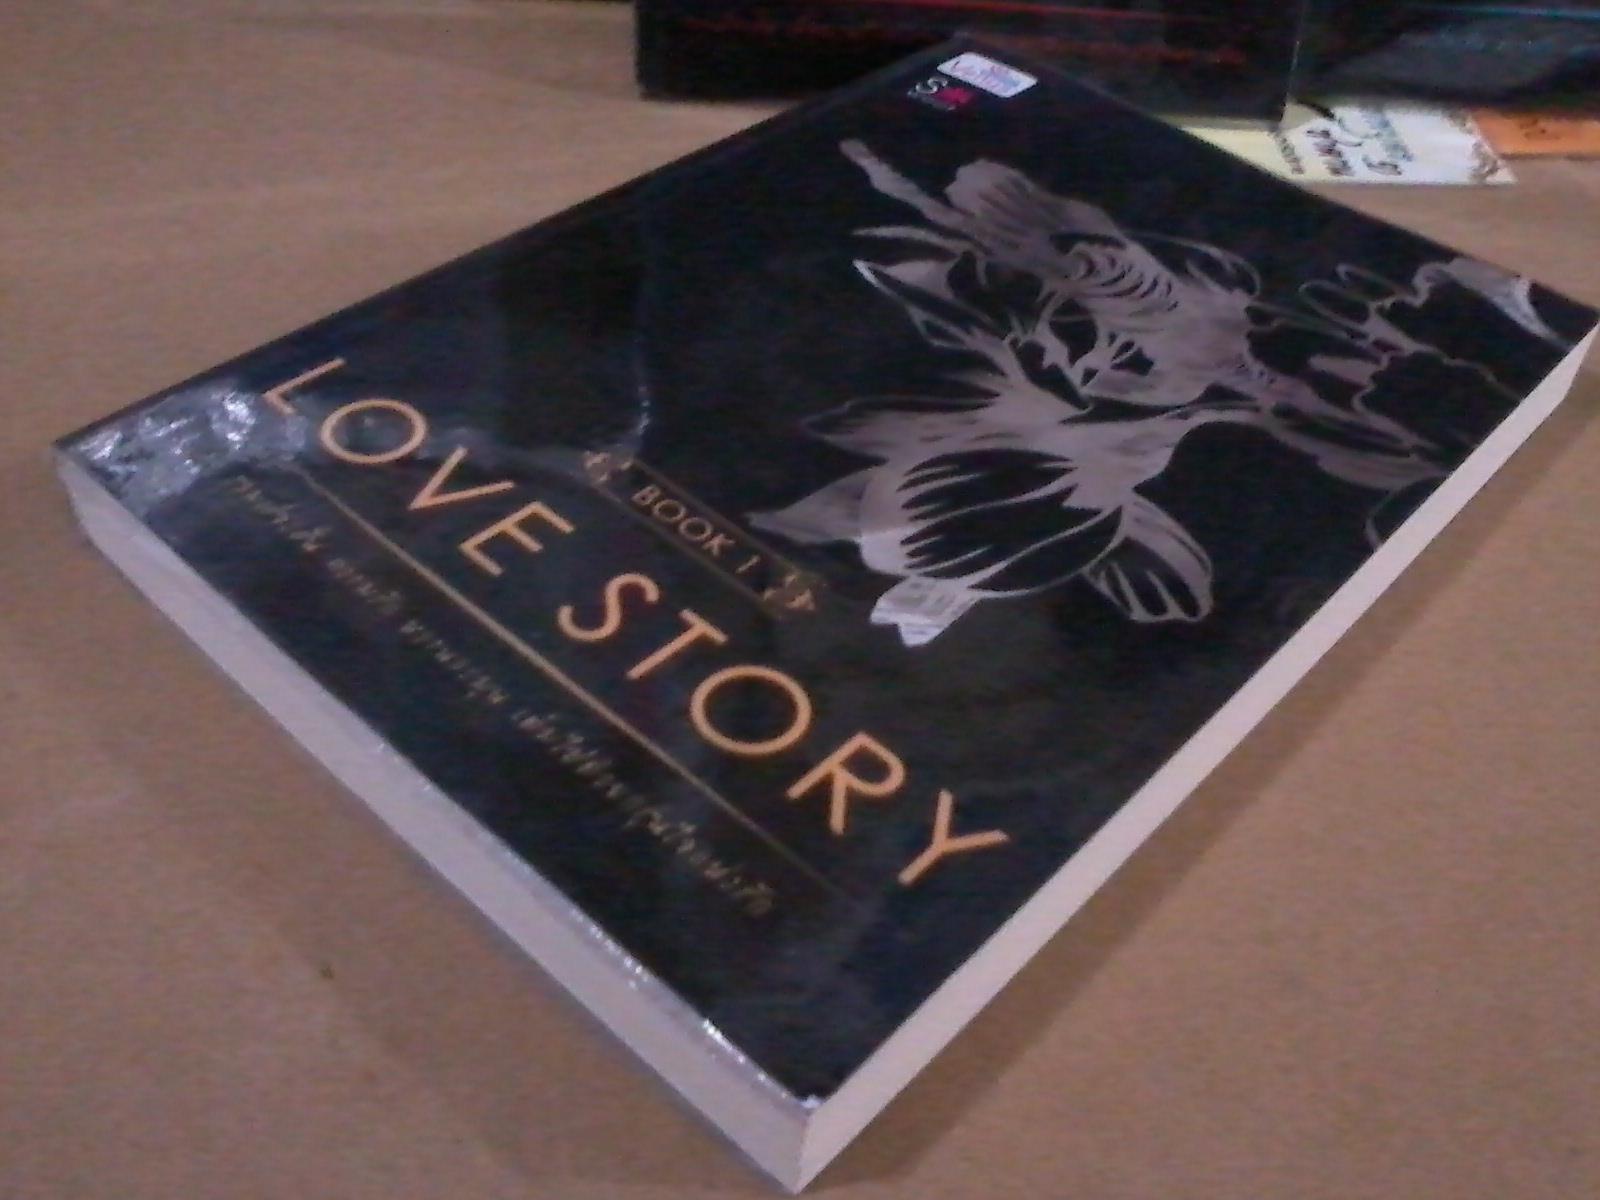 Love Story 1 / Pream,พิมพ์ฝัน,Baiboau,ชินารมย์,รุรา,ณัฏฐวิตรา,รุจินภา,อัมราน,Nefertiti,กาญจนวณิช มือสอง 99%